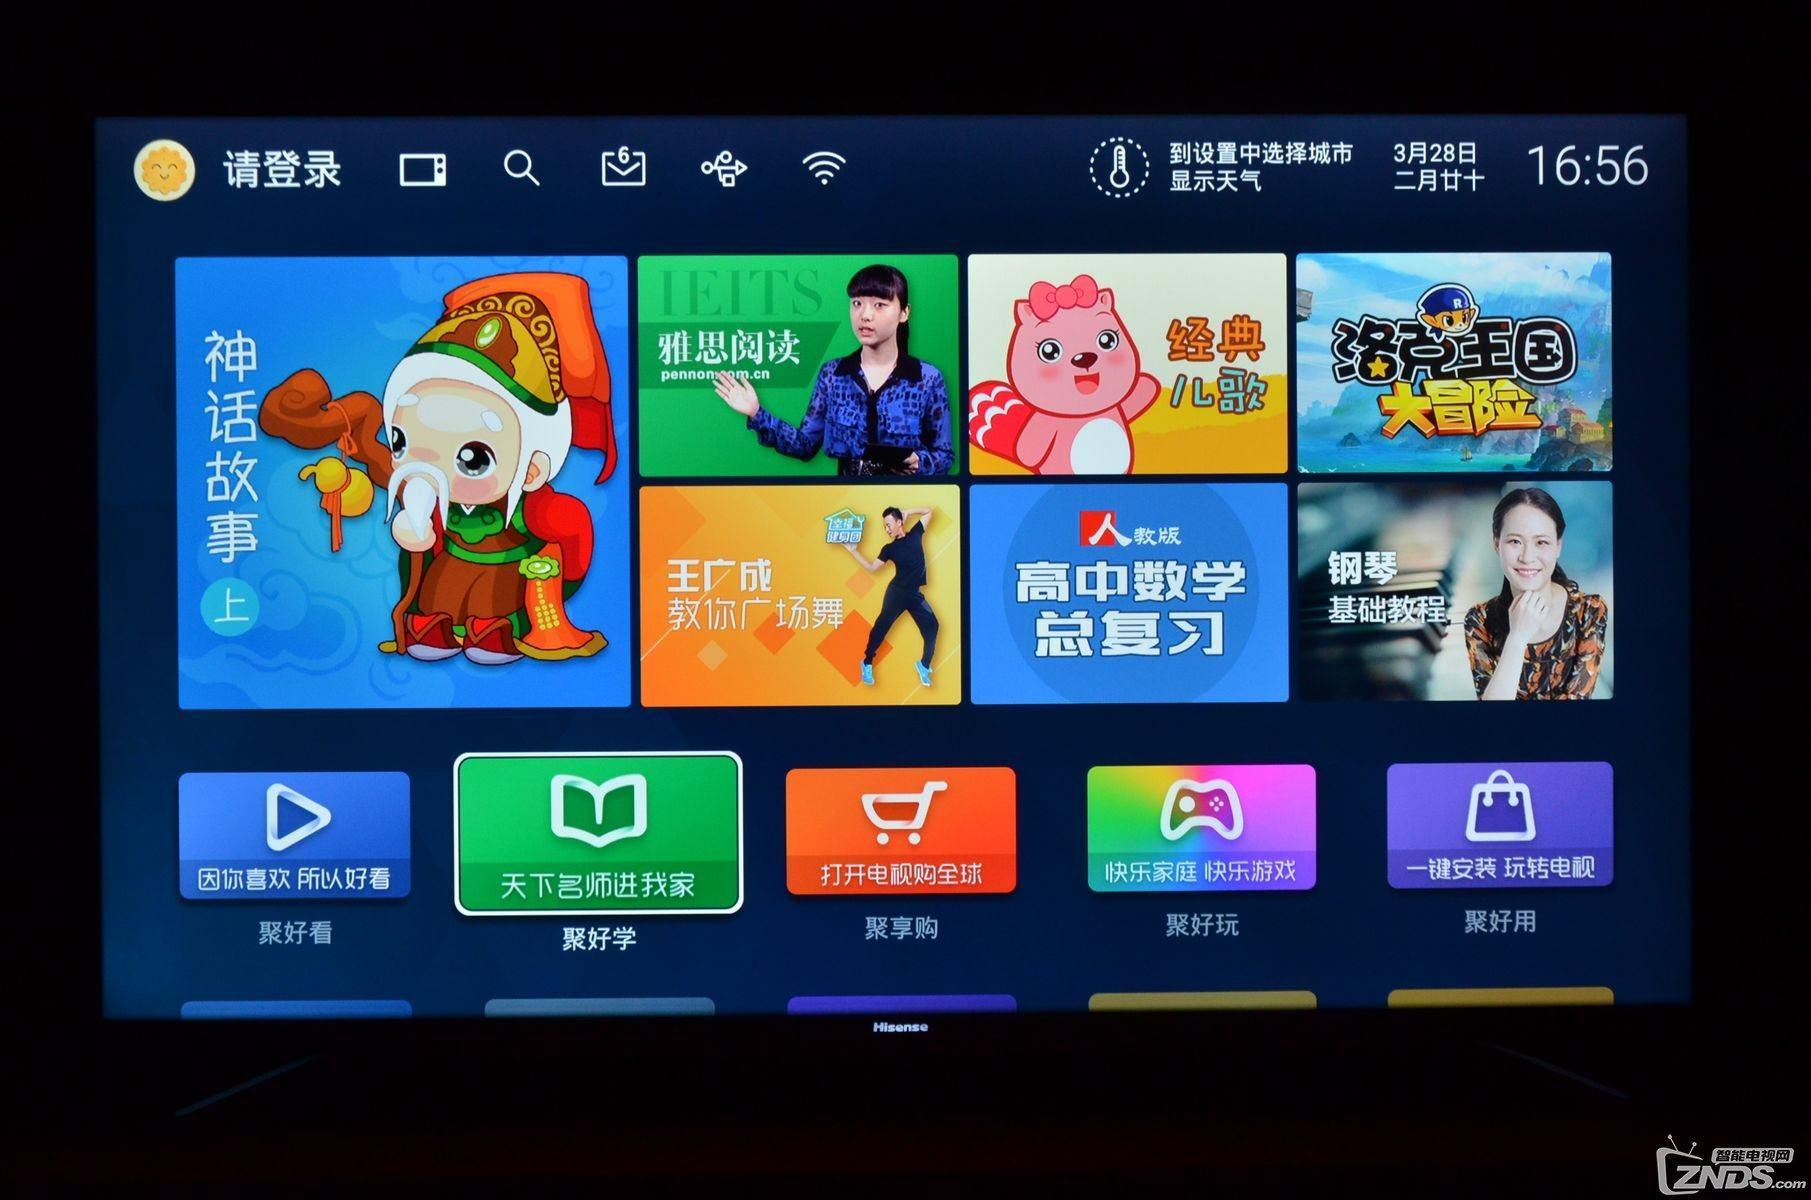 海信电视MU7000评测:顶尖工艺 ULED超画质显示技术